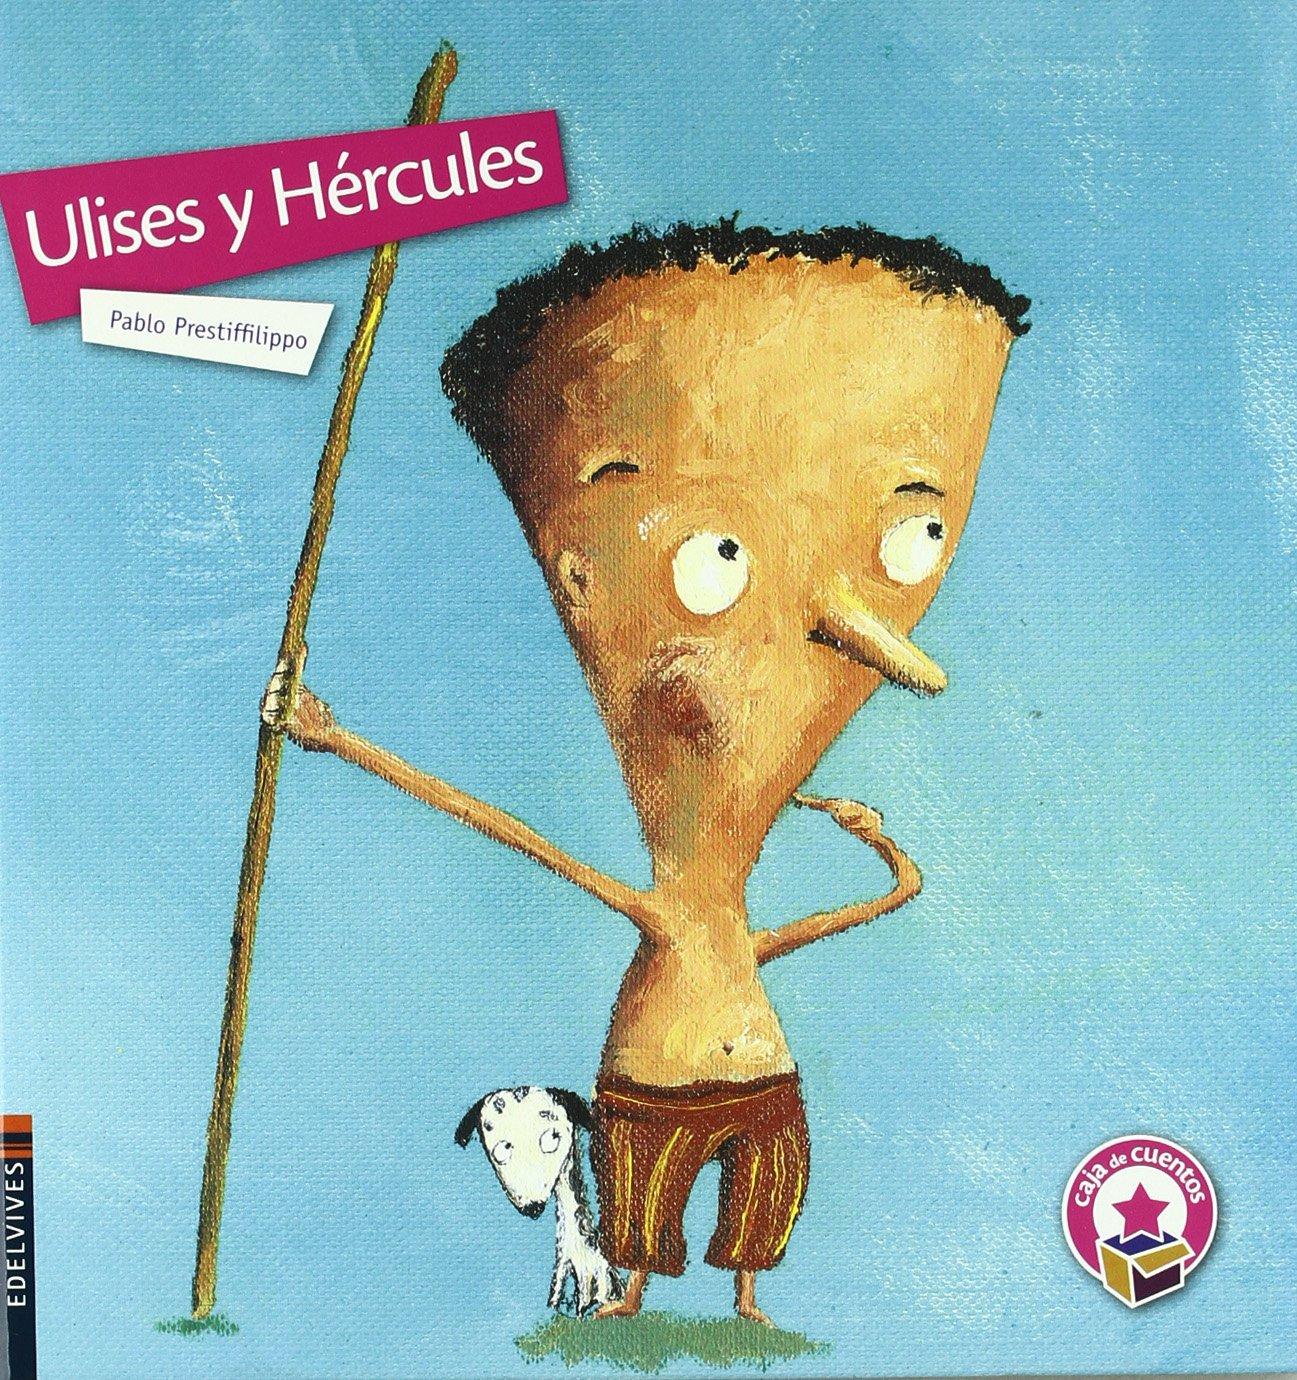 Ulises y Hércules (Caja de cuentos): Amazon.es: Prestiffilippo ...